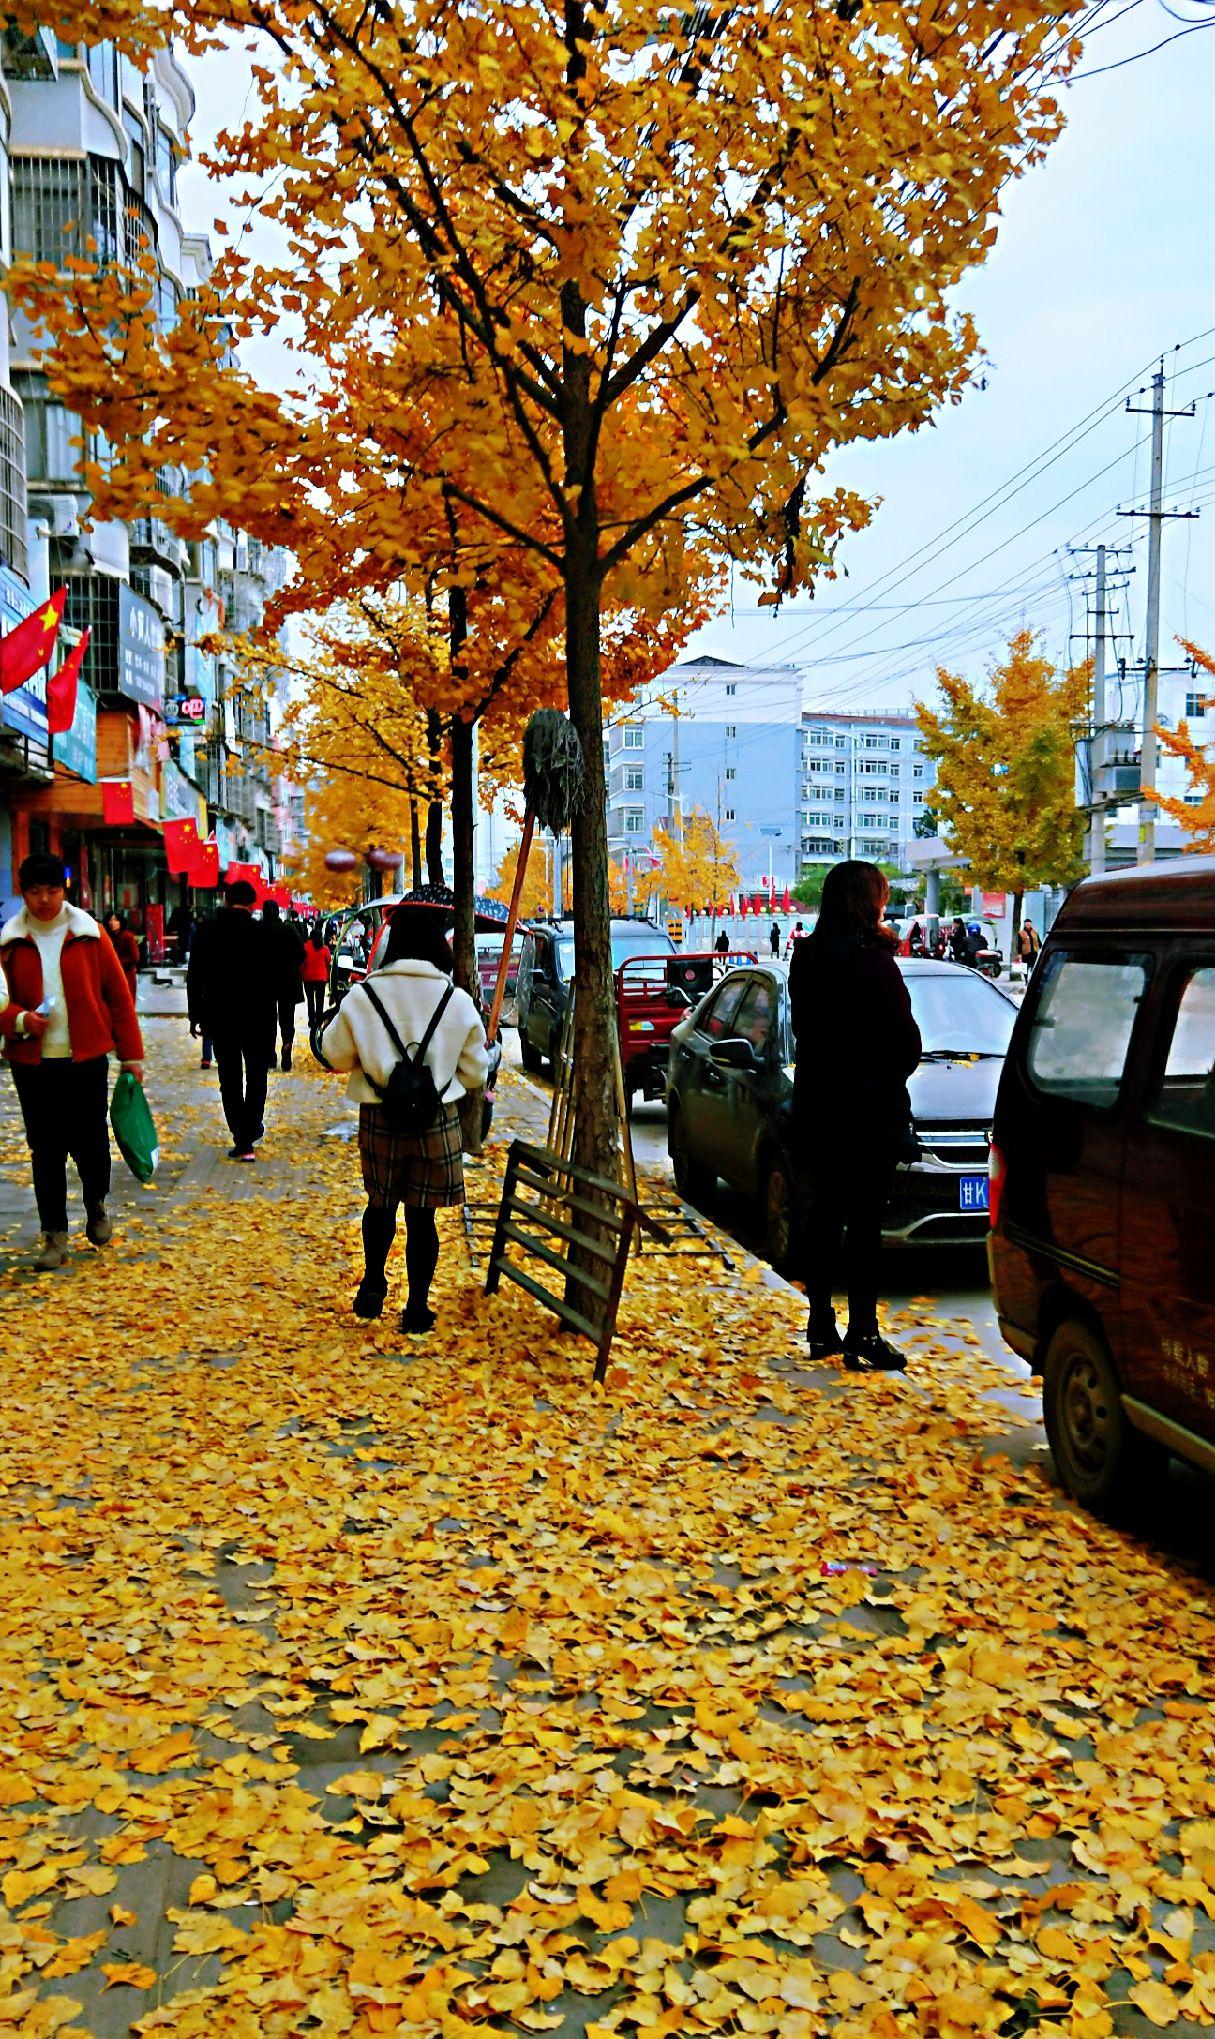 美丽的一中校园古老的银杏村落,满地金黄的落叶